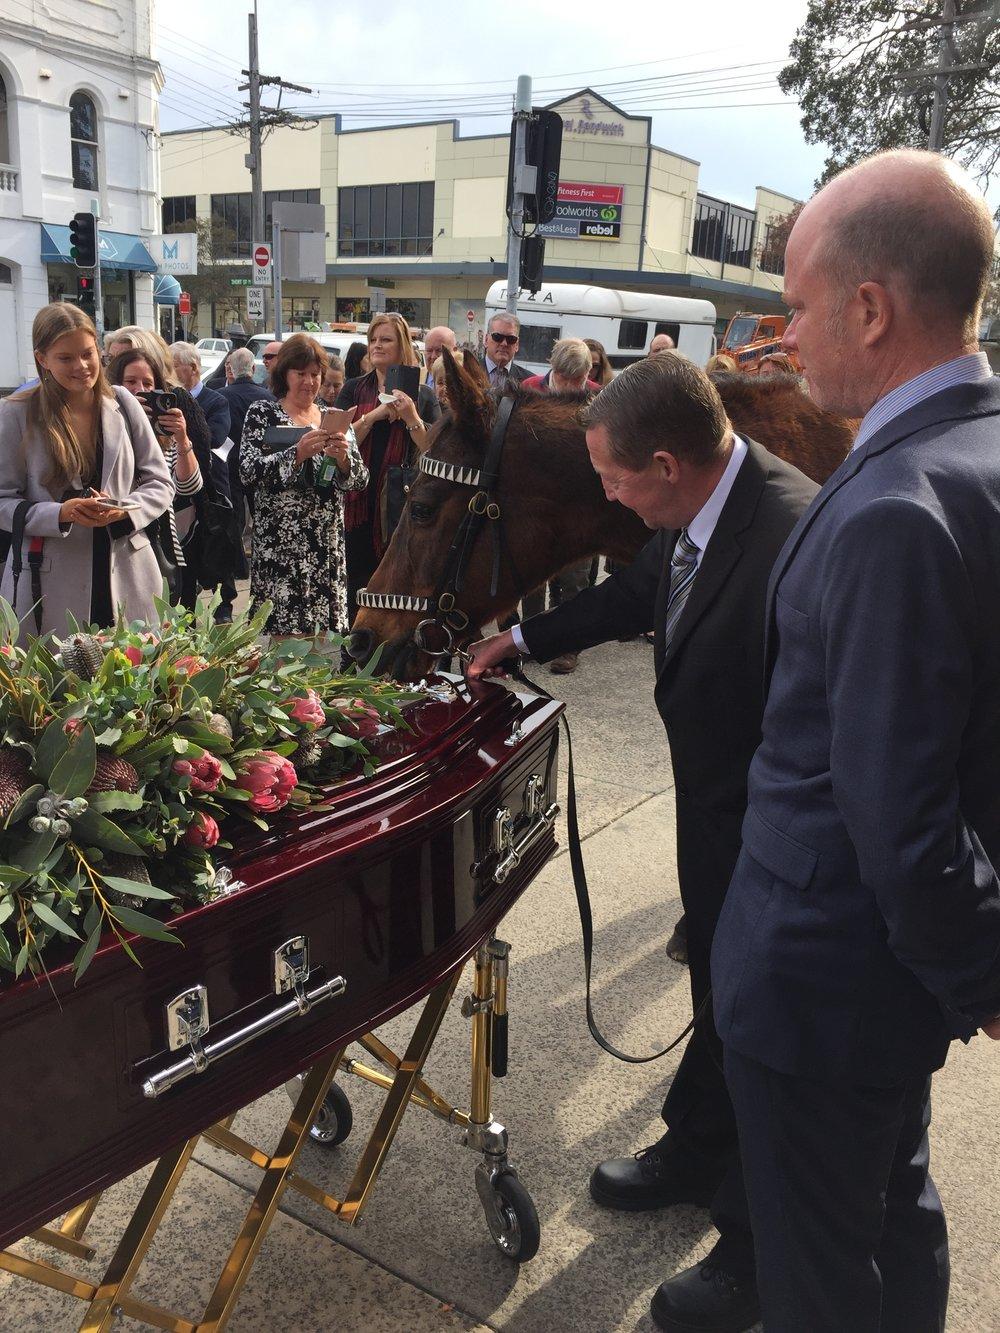 Stony nuzzles the casket.